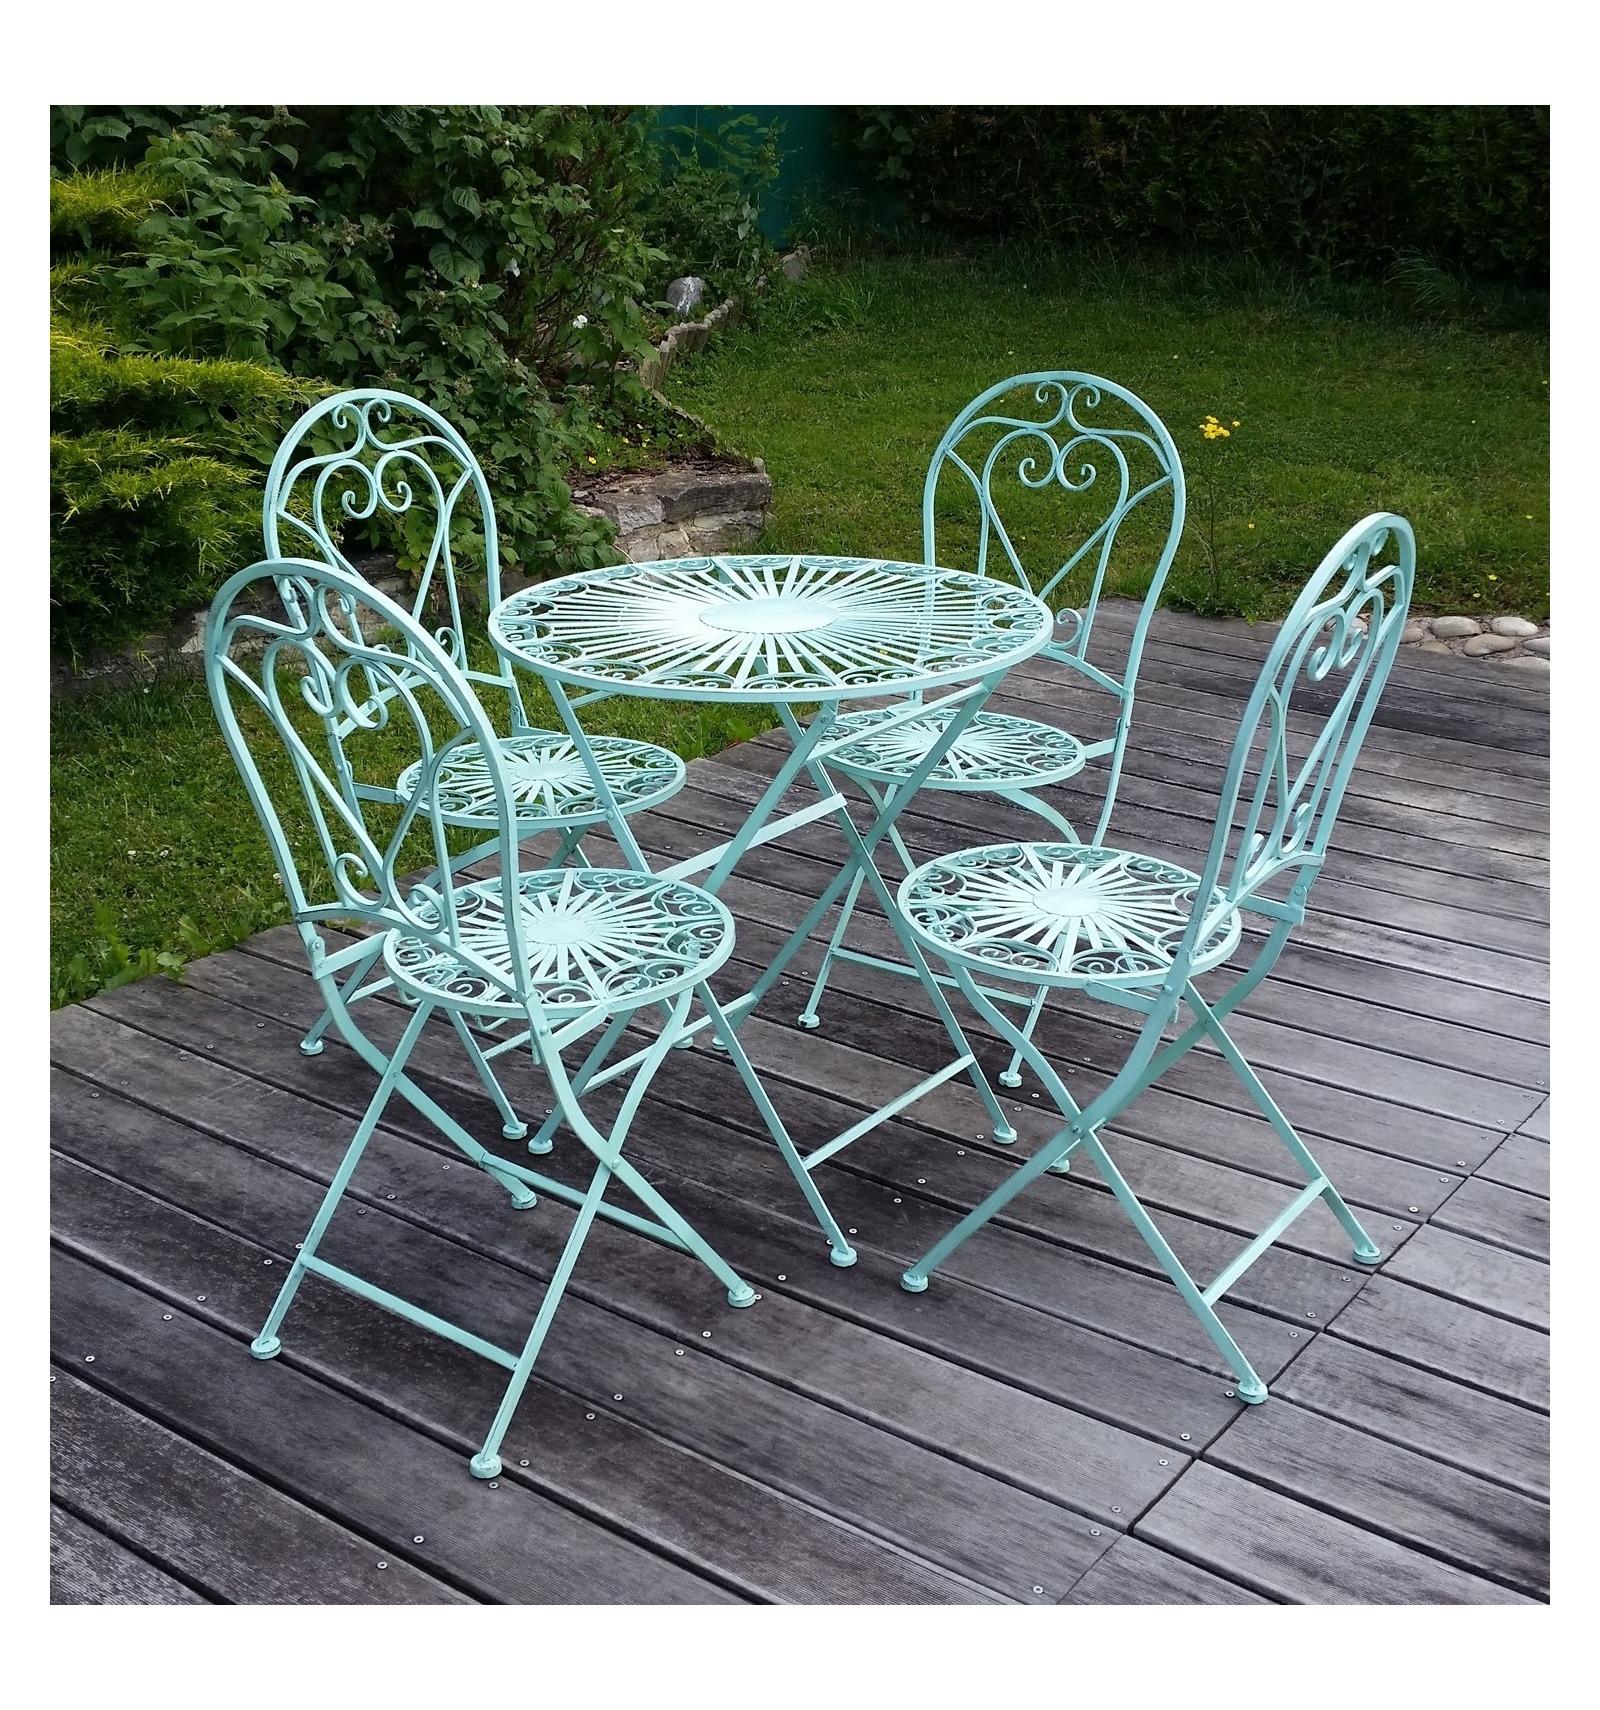 Jard n del hierro labrado silla y mesa - Muebles de hierro forjado para jardin ...